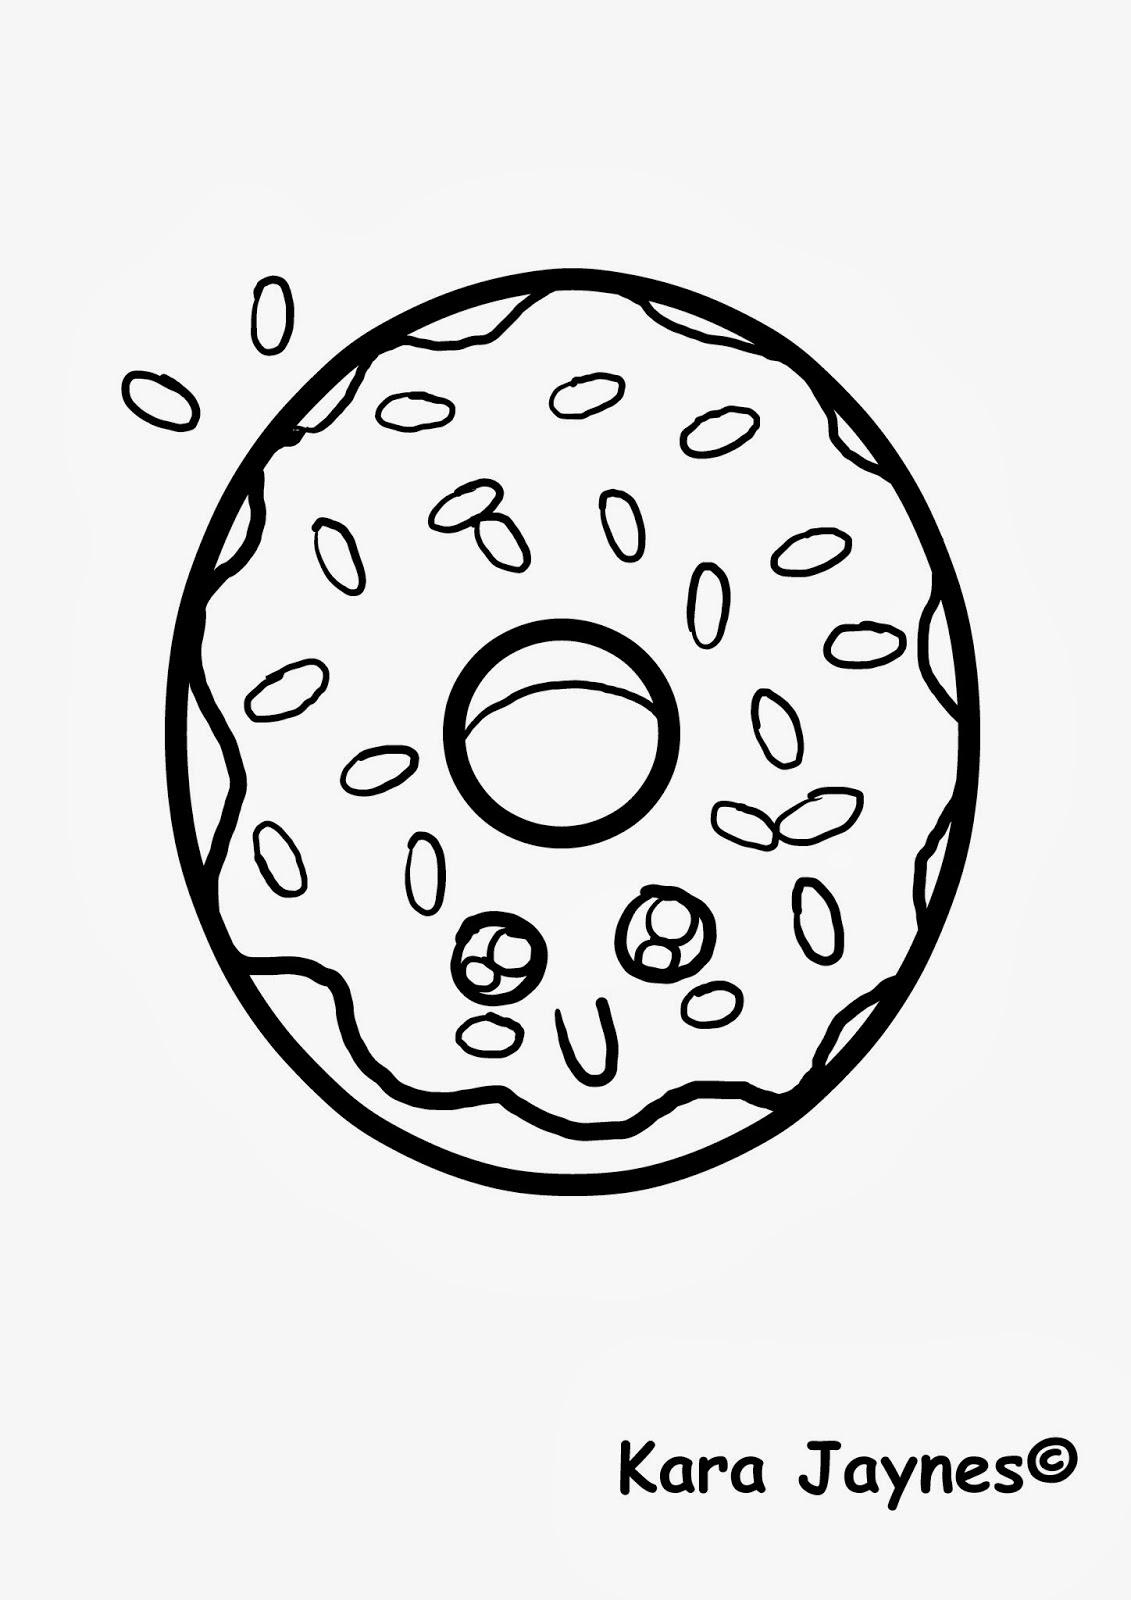 Kara Jaynes: Kawaii Donut coloring page